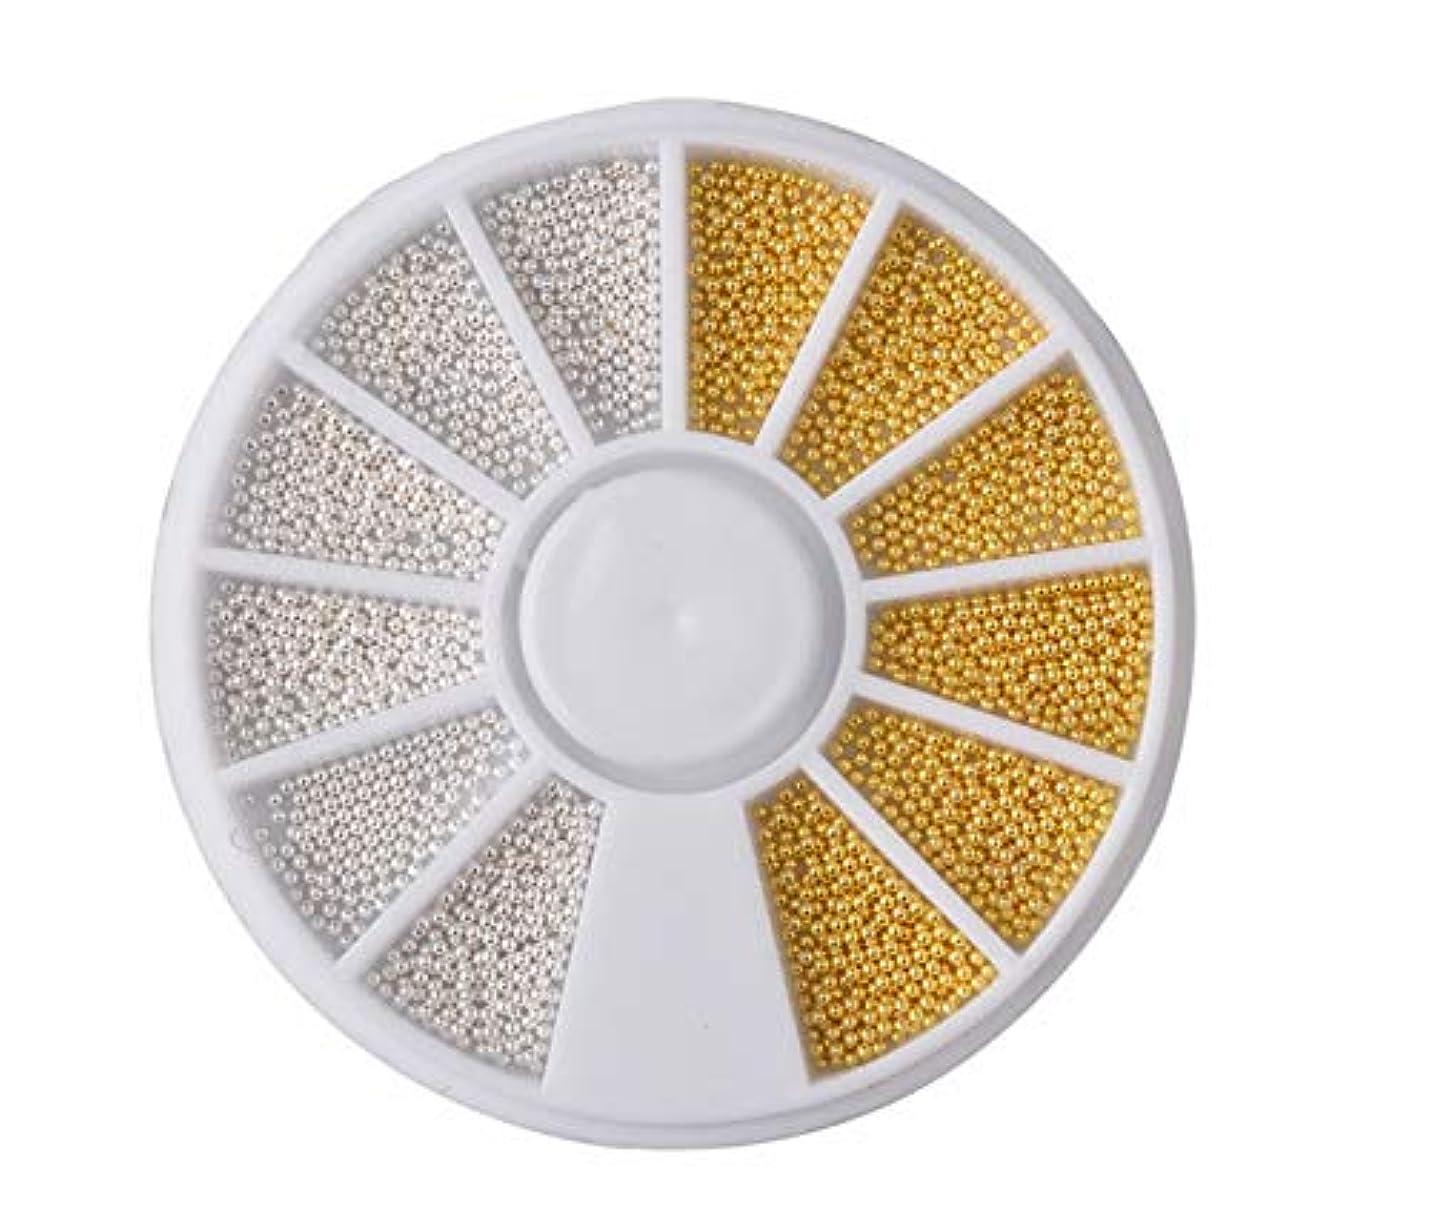 泥沼言及する海岸Tianmey ミニ鋼球キャビア大ビーズの3Dネイルデコレーションマニキュアネイルアートアクセサリーデコレーションマニキュアツール (Color : White and gold)